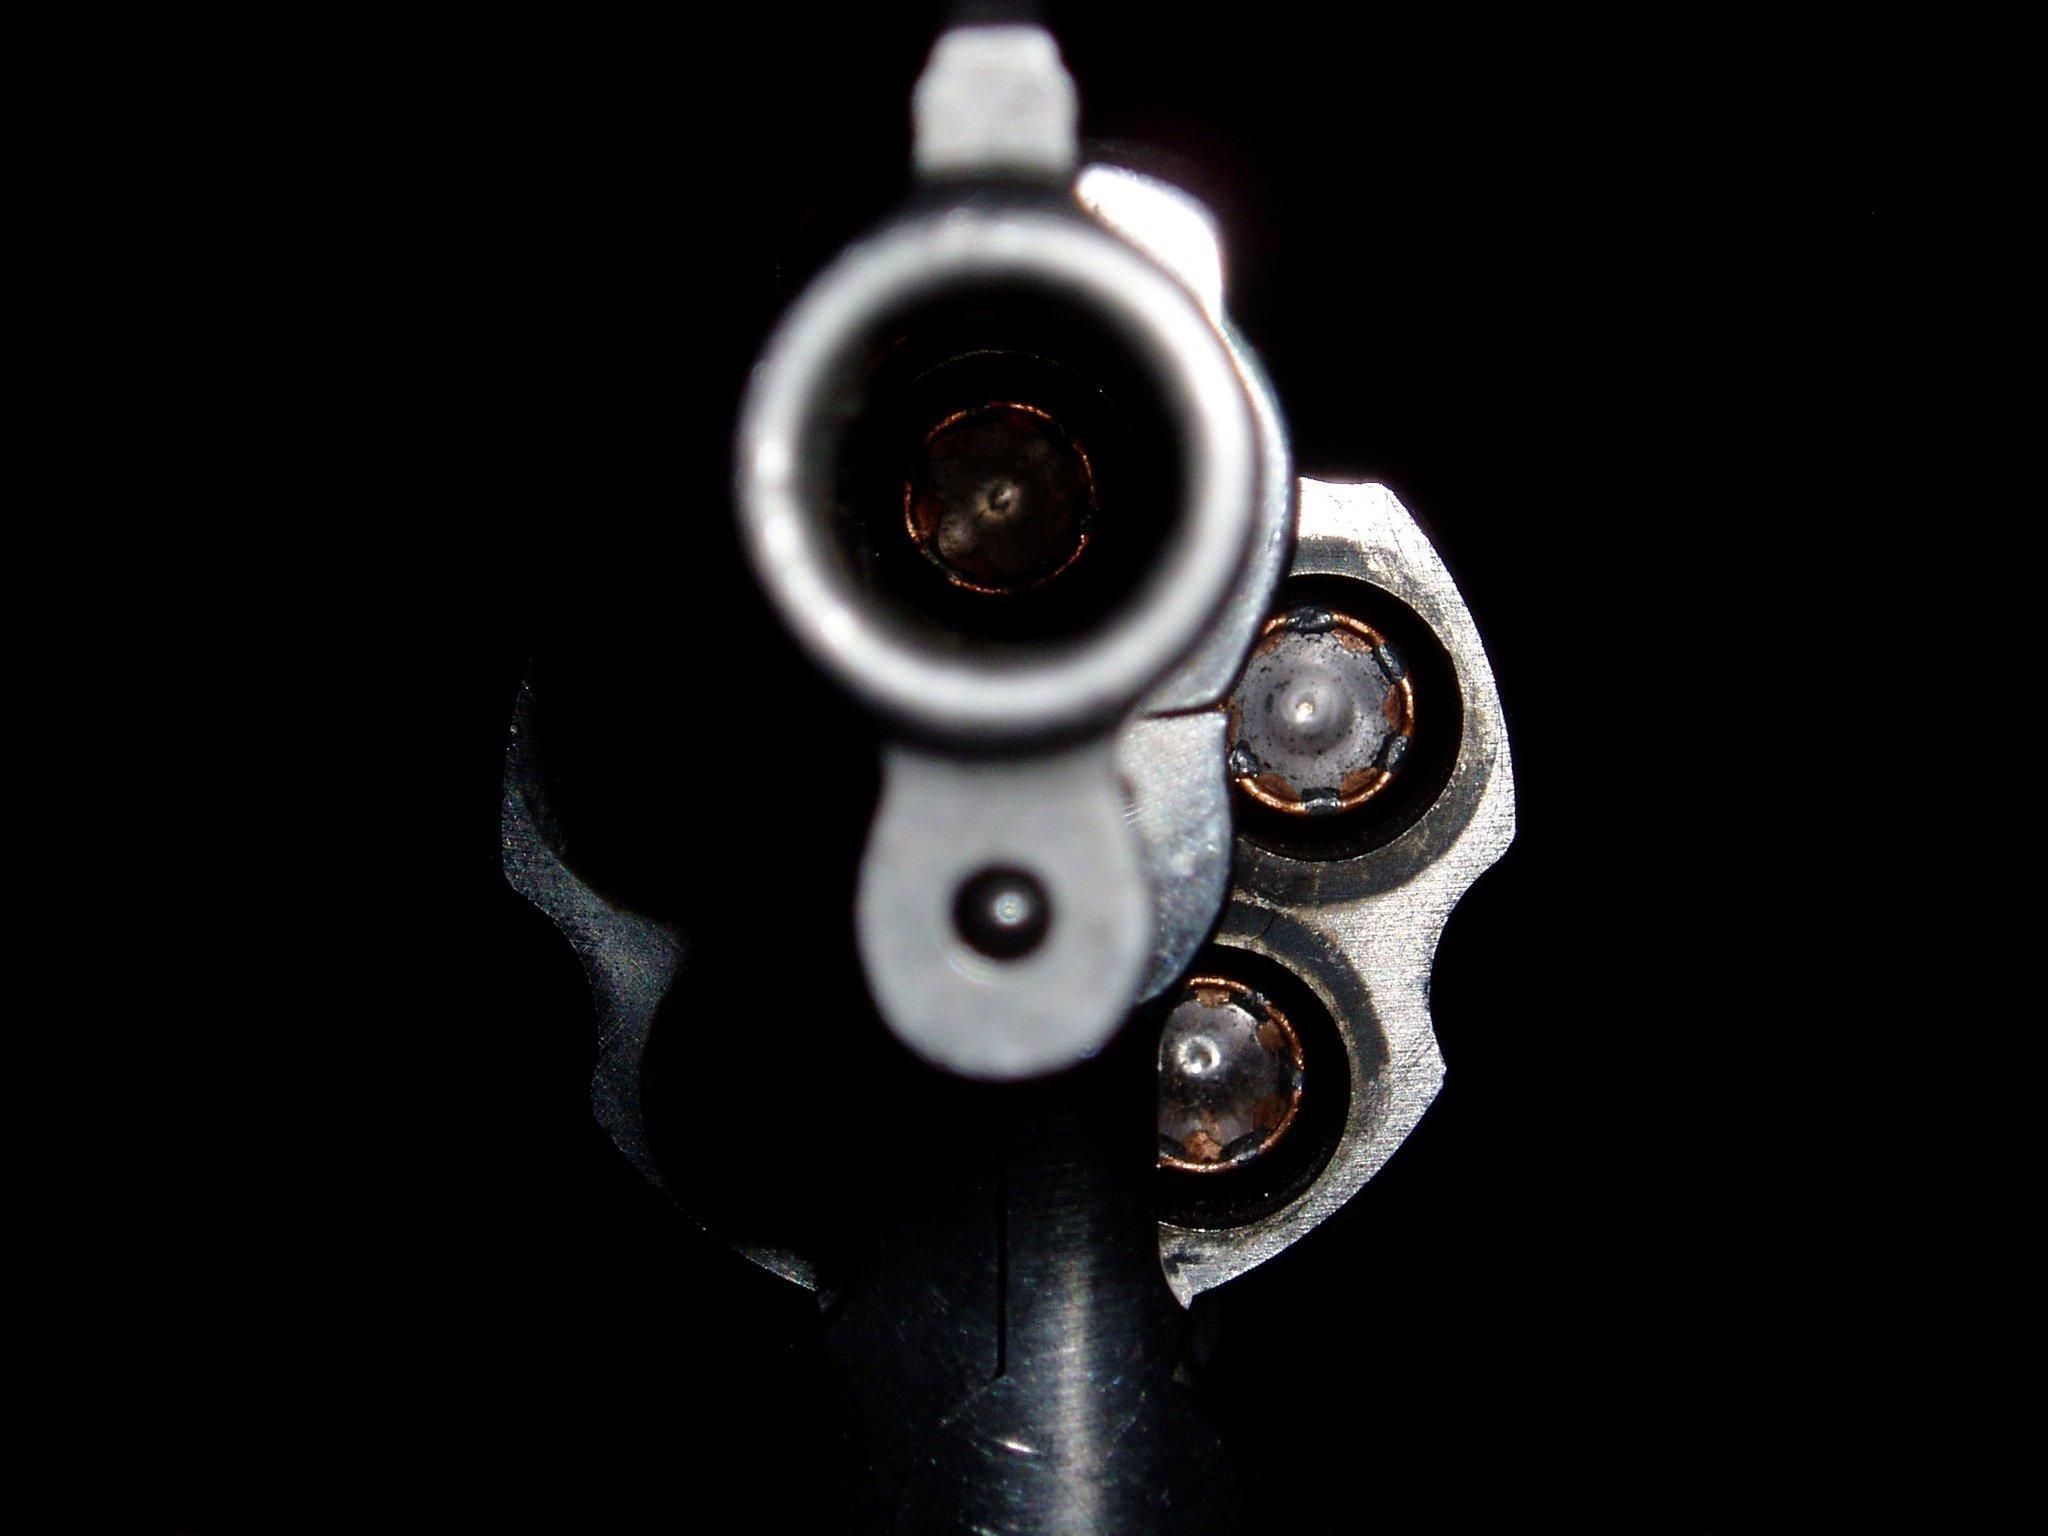 револвер заряженный, скачать фото, обои на рабочий стол, hand gun wallpaper